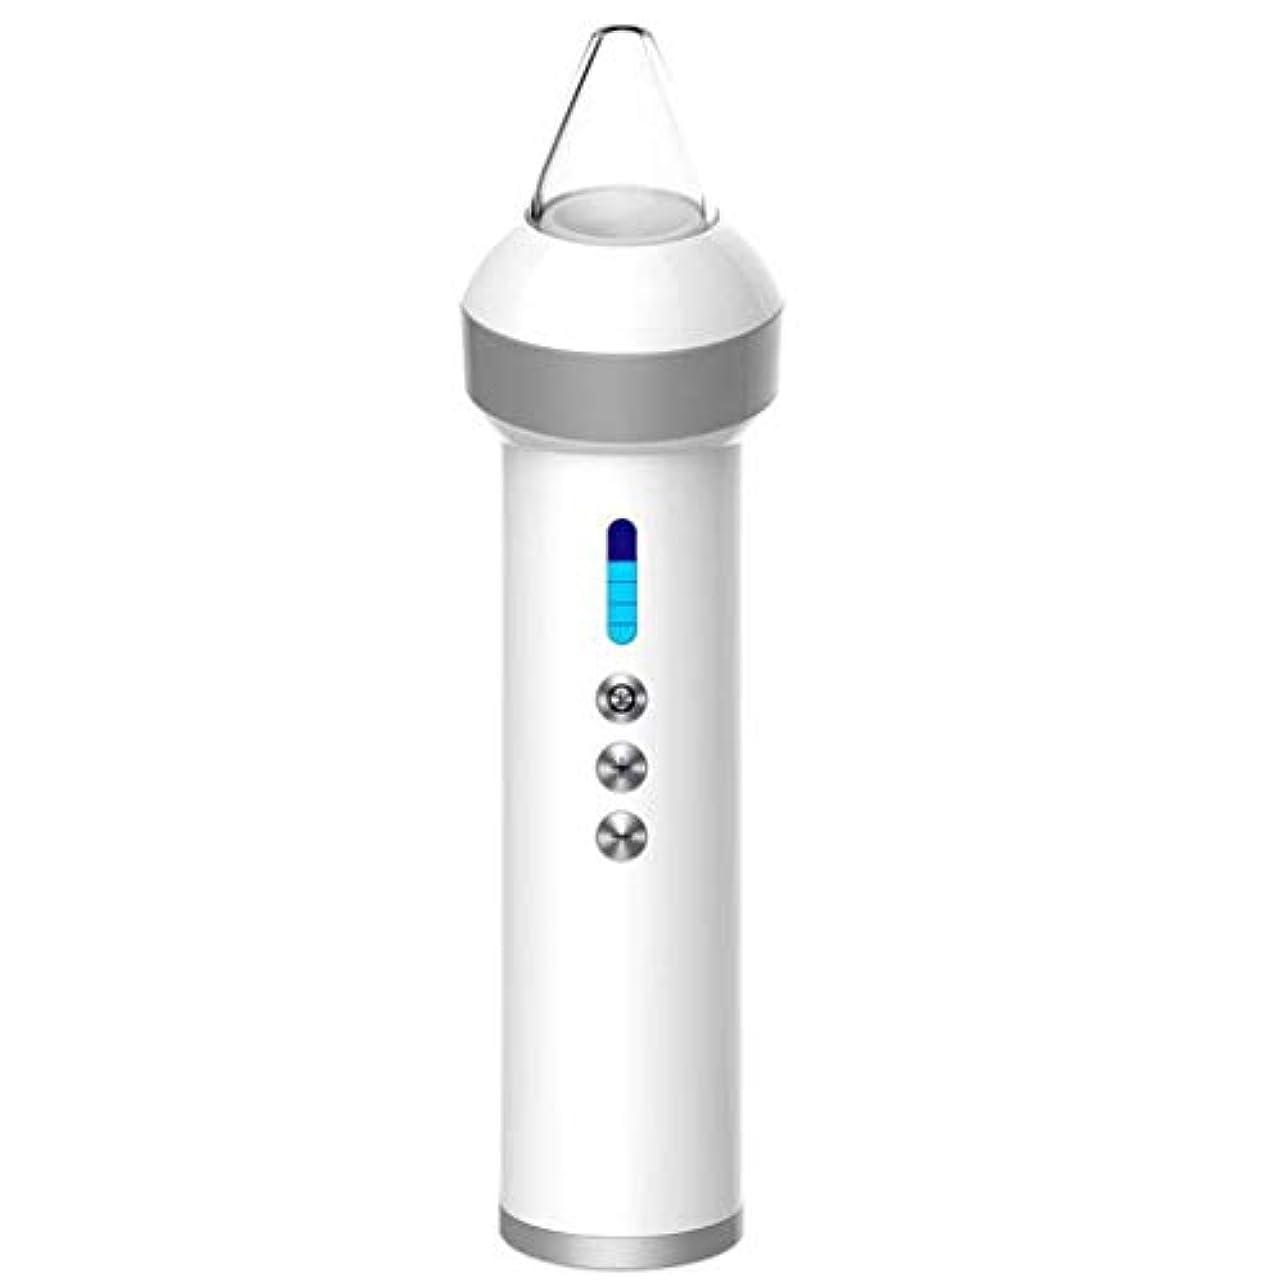 資金リテラシーマーカー電気にきび楽器電気にきびにきび抽出器USB充電式電気皮膚毛穴クレンザー